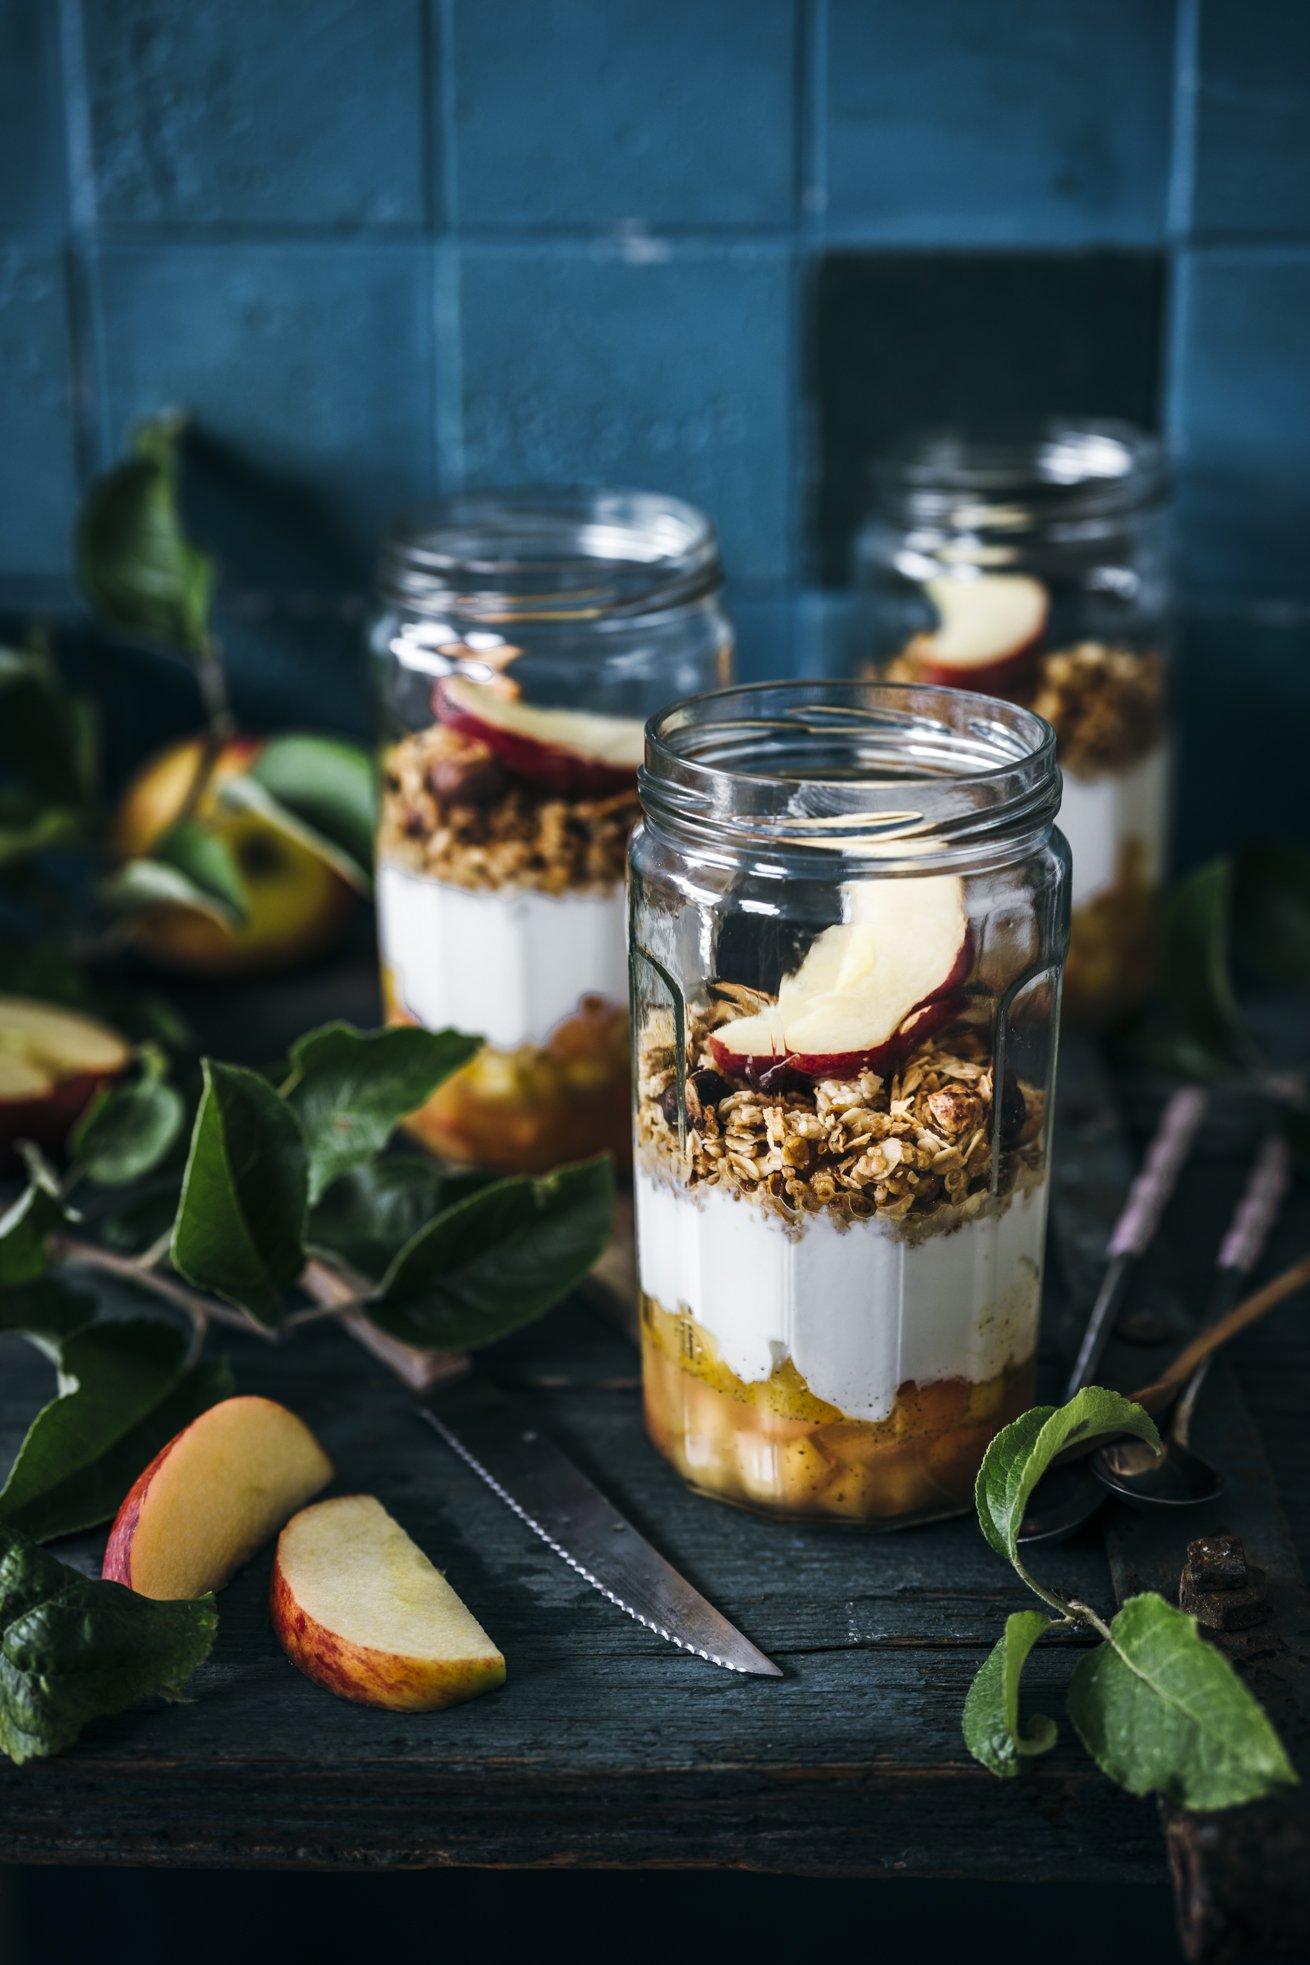 Frühstück oder Snack für unterwegs! Leckerer Apfelkompott mit Joghurt und Honig Granola